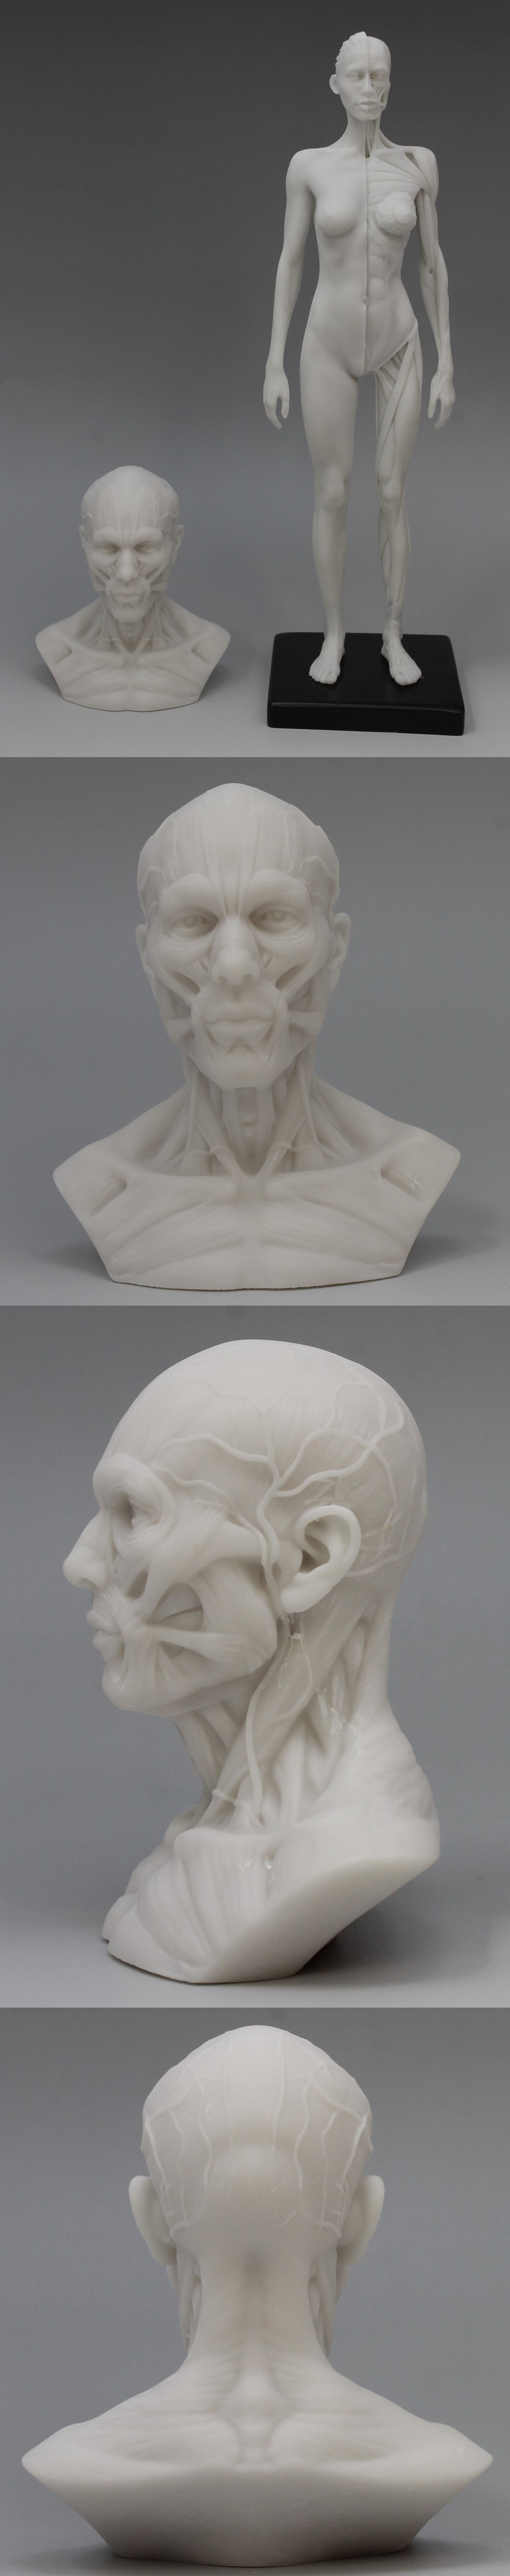 009人体模型1